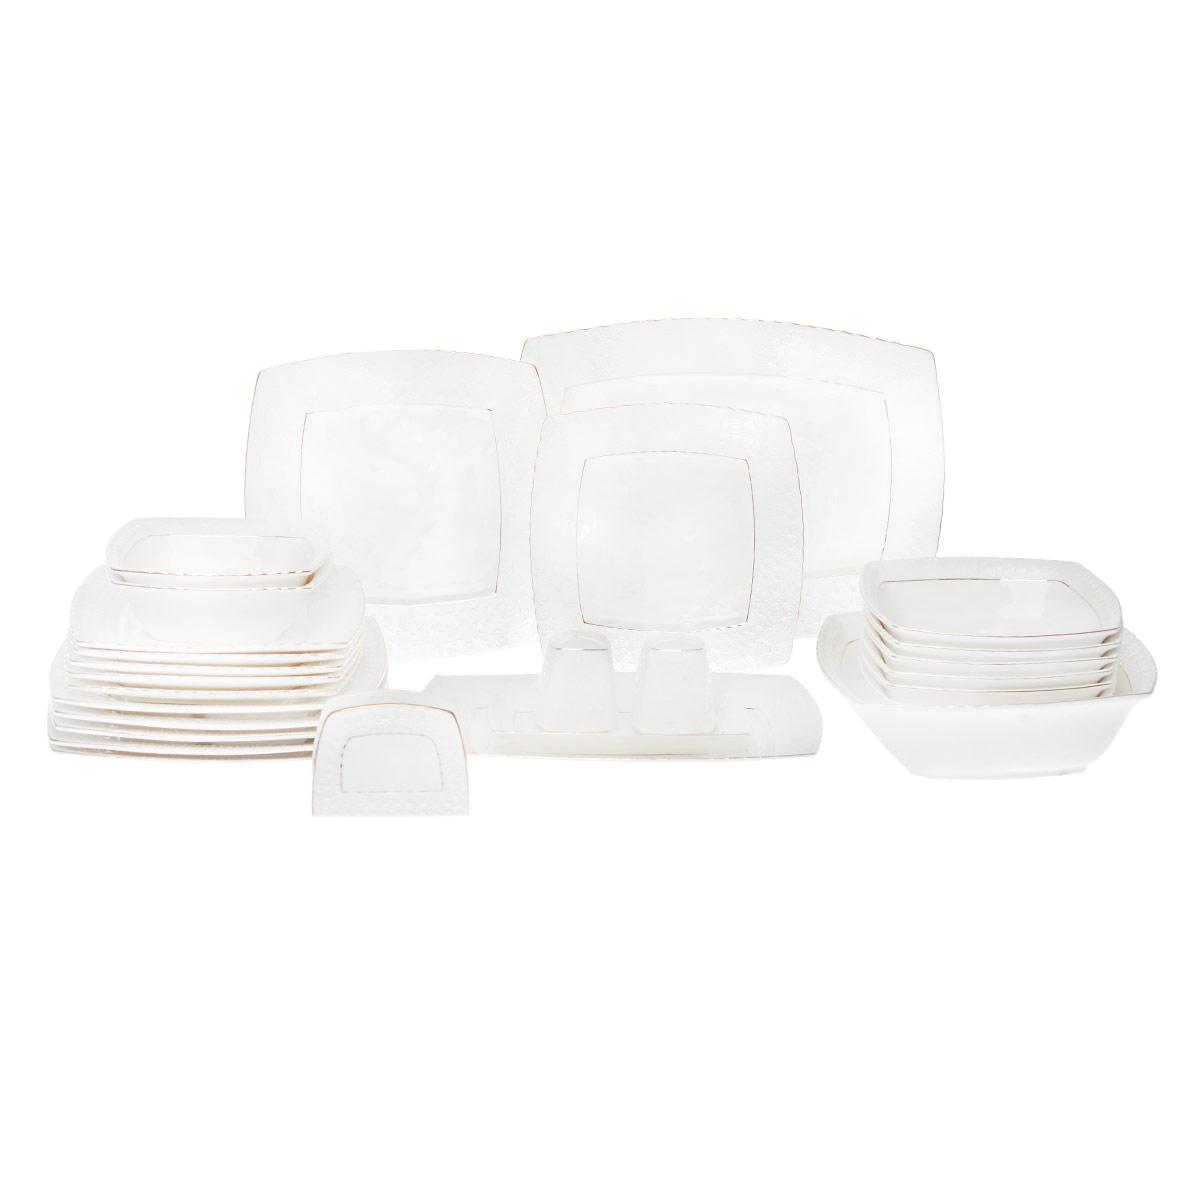 Набор столовой посуды Korall Снежная королева, цвет: белый, 27 предметов115510Набор столовой посуды Korall Снежная королева выполнен из высококачественной керамики. Изделия оформлены рельефным орнаментом и позолоченной окантовкой. Столовый набор Korall Снежная королева сочетает в себе изысканный дизайн с максимальной функциональностью. В набор входит: - 6 обеденных тарелок - 23 см х 23 см; - 6 десертных тарелок - 20,5 см х 20,5 см; - салатник - 23 см х 23 см х 7 см; - 6 салатников - 18 см х 18 см х 5 см; - 2 салатника - 15,5 см х 15,5 см х 4,5 см; - блюдо - 33,5 см х 24,5 см х 2,5 см; - блюдо - 28,5 см х 20,5 см х 2 см; - блюдо - 18 см х 10 см х 2 см; - солонка - 5,8 см х 5,8 см х 7 см; - перечница - 5,8 см х 5,8 см х 7 см; - подставка для салфеток - 10,5 см х 3,9 см х 7,7 см.Такой набор будет уместен на любой кухне и прекрасно подойдет для сервировки праздничного стола.